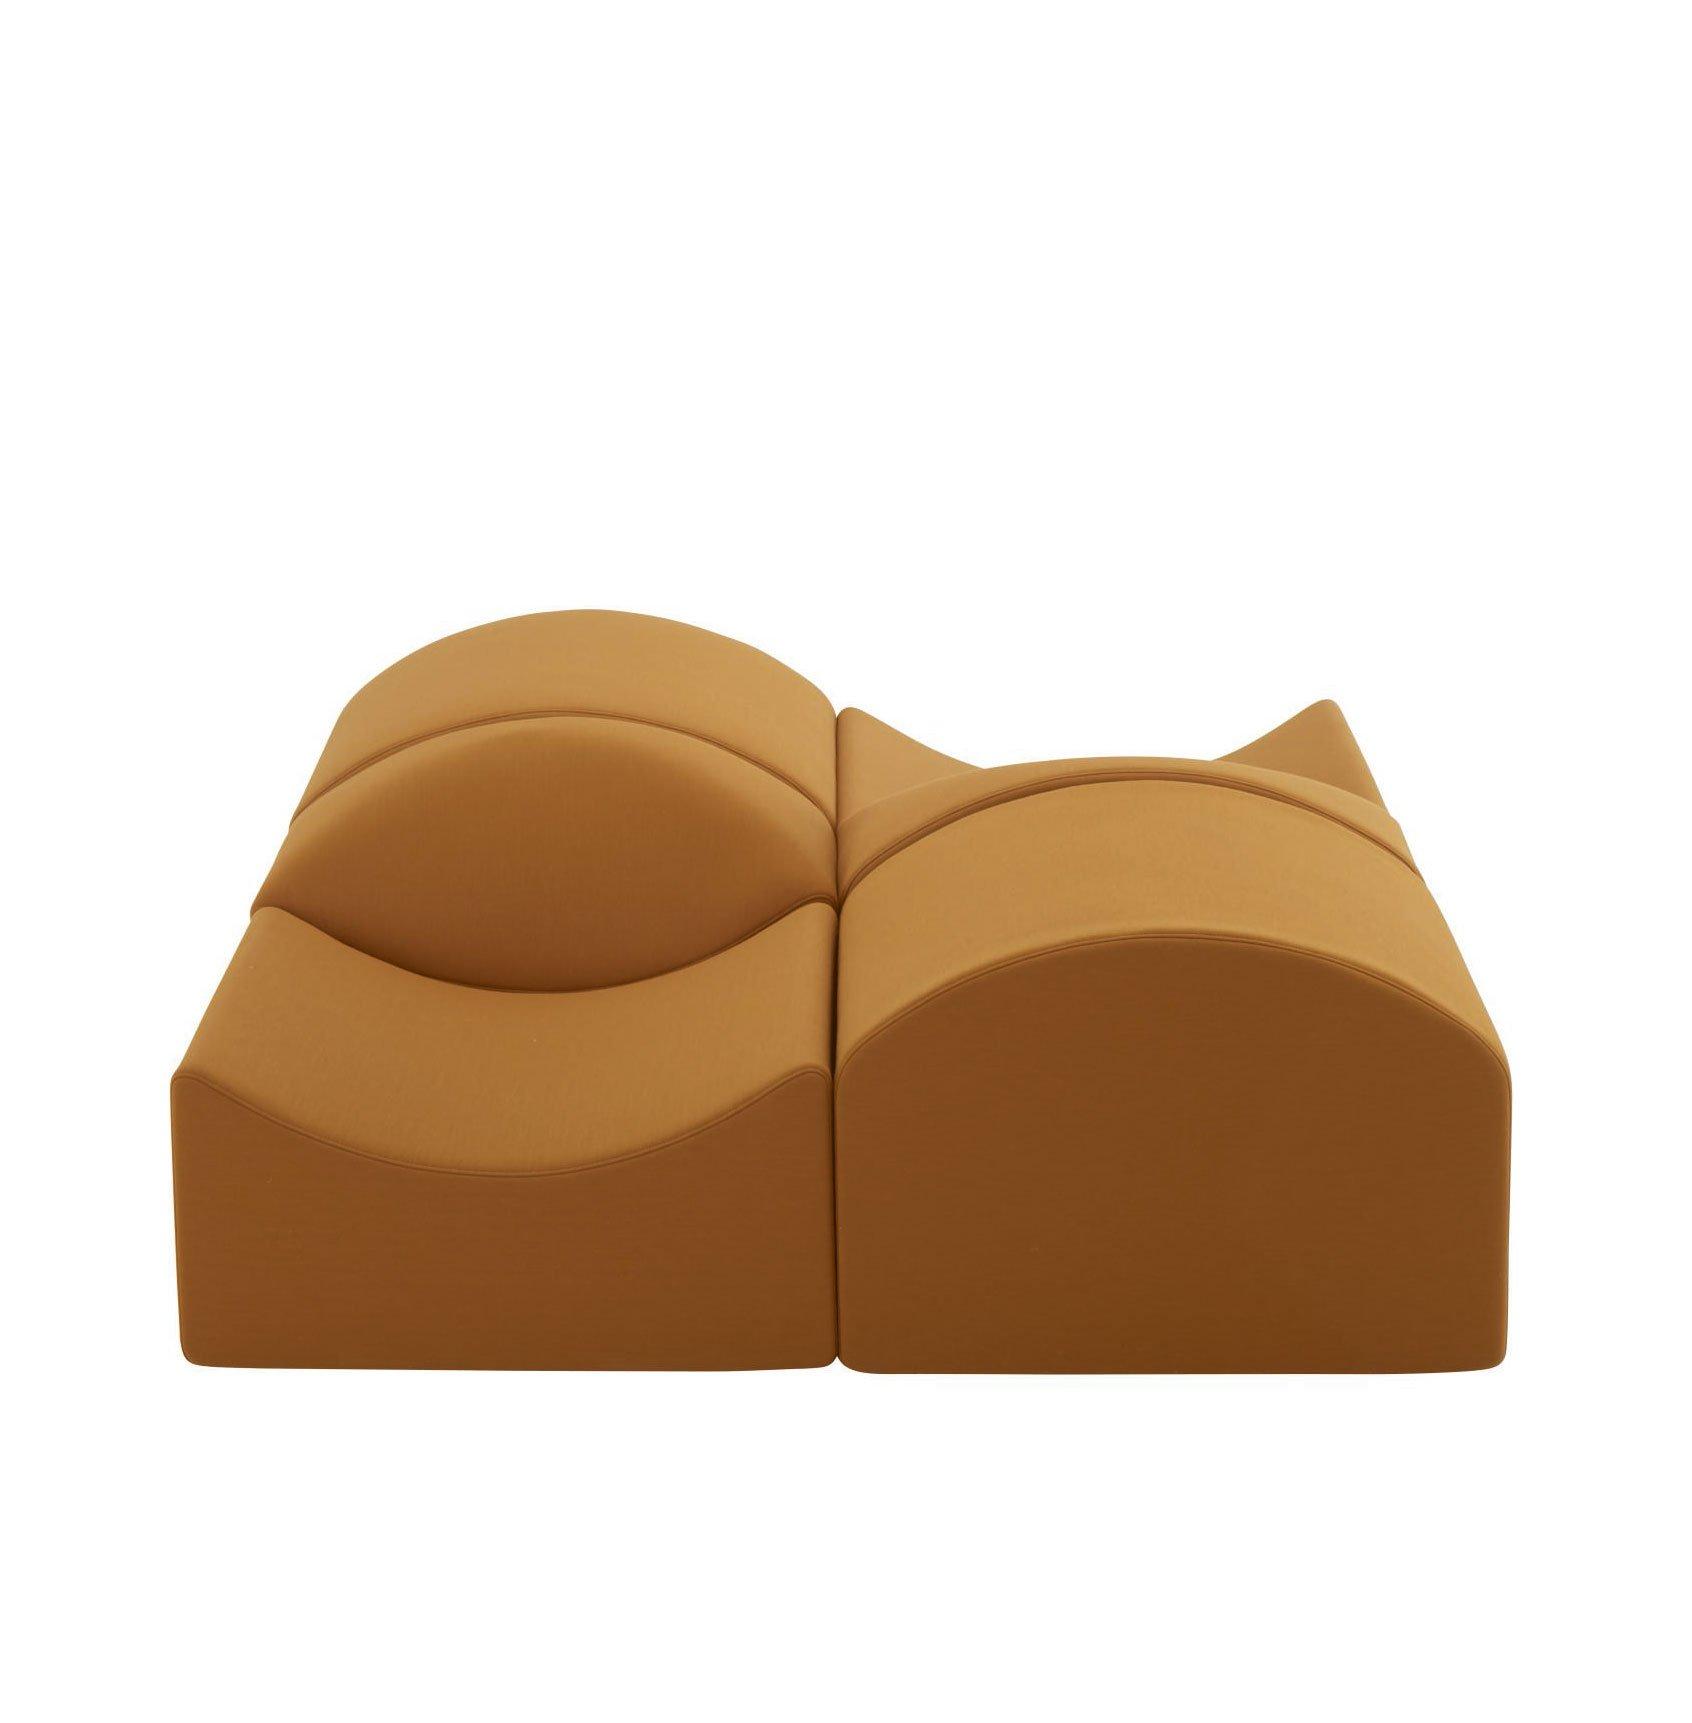 Modulares Sofaprogramm von Bernard Govin für Ligne Roset